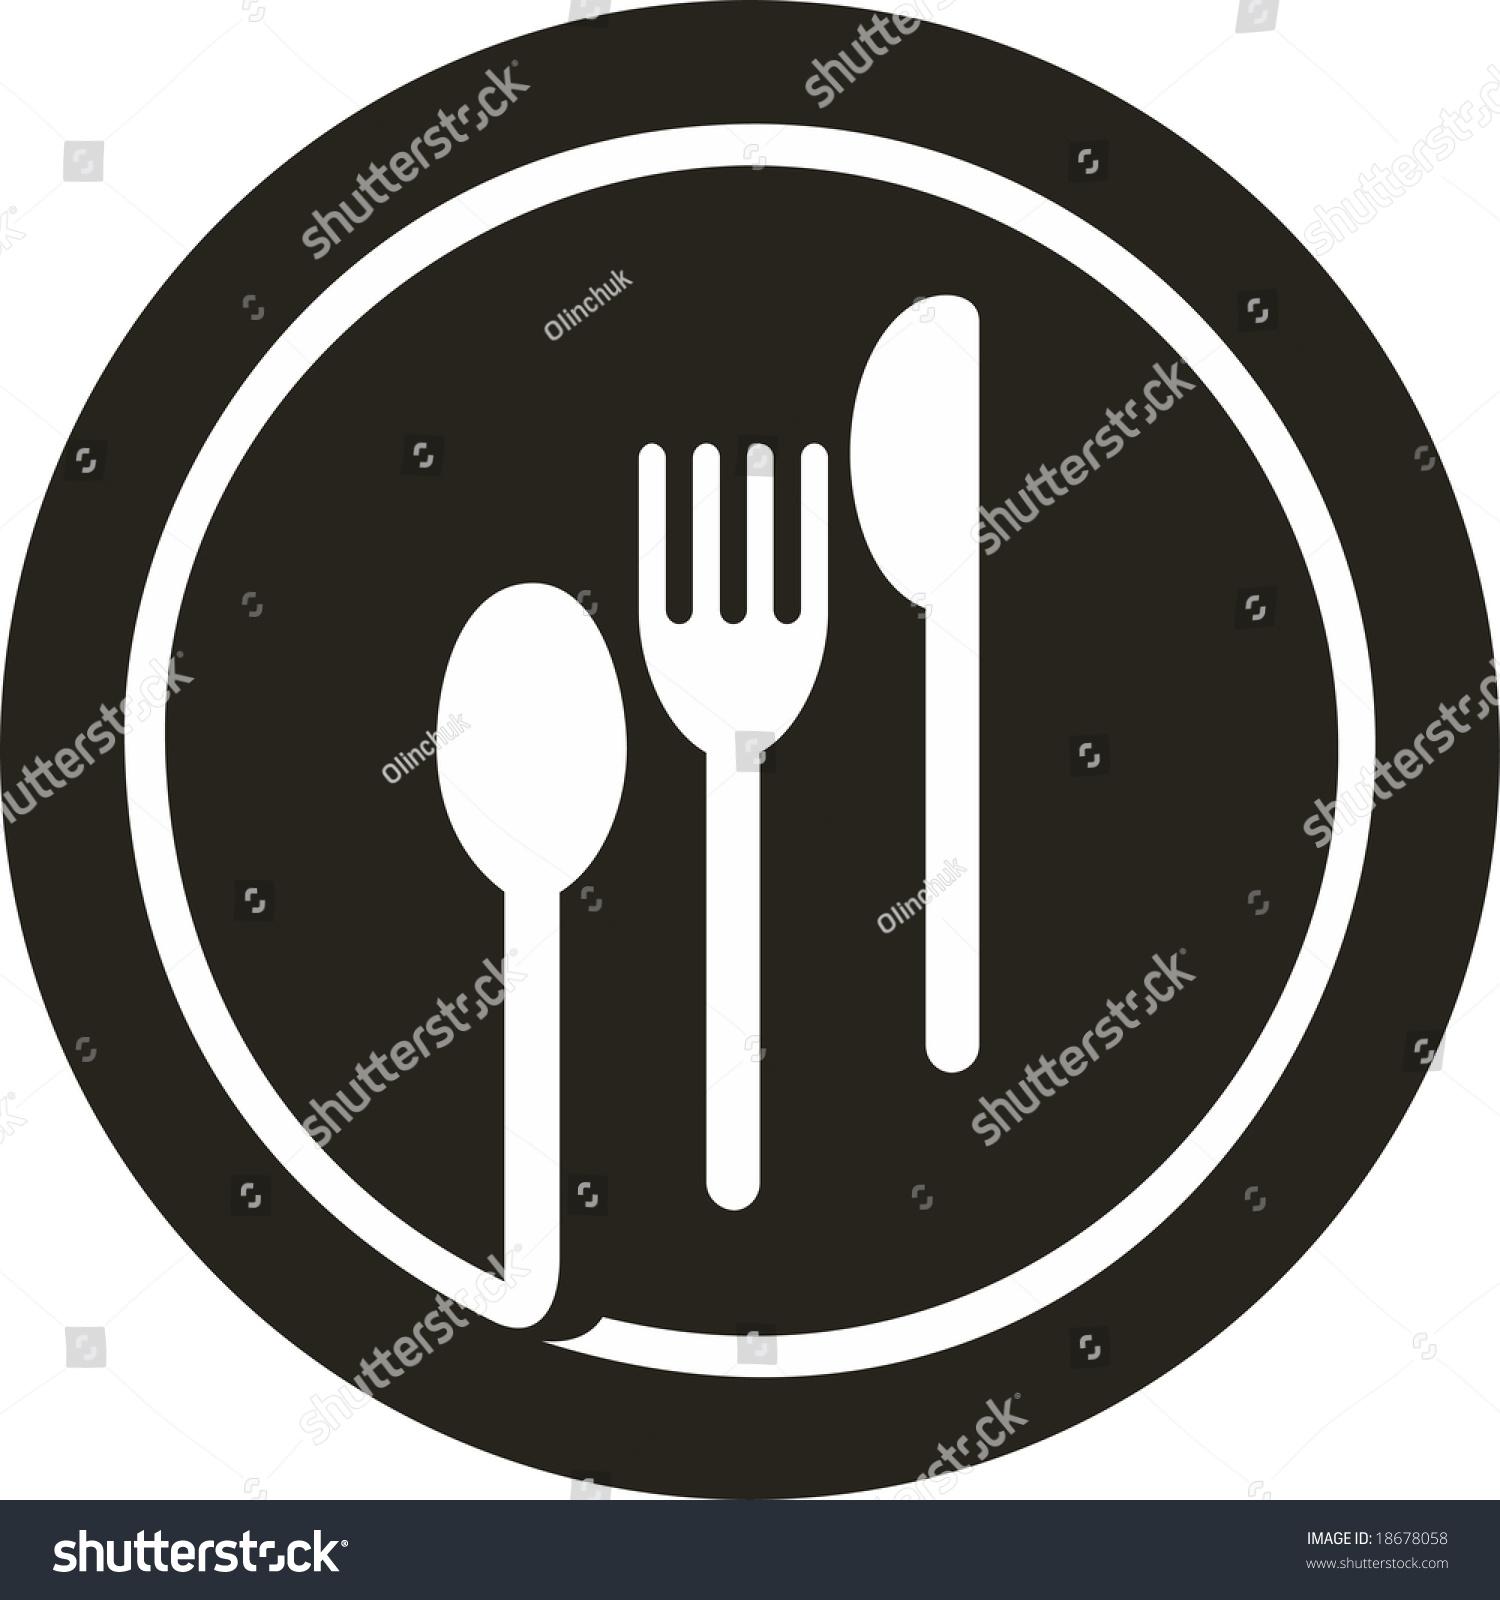 Pictures Of Fork And Knife Symbol Kidskunstfo